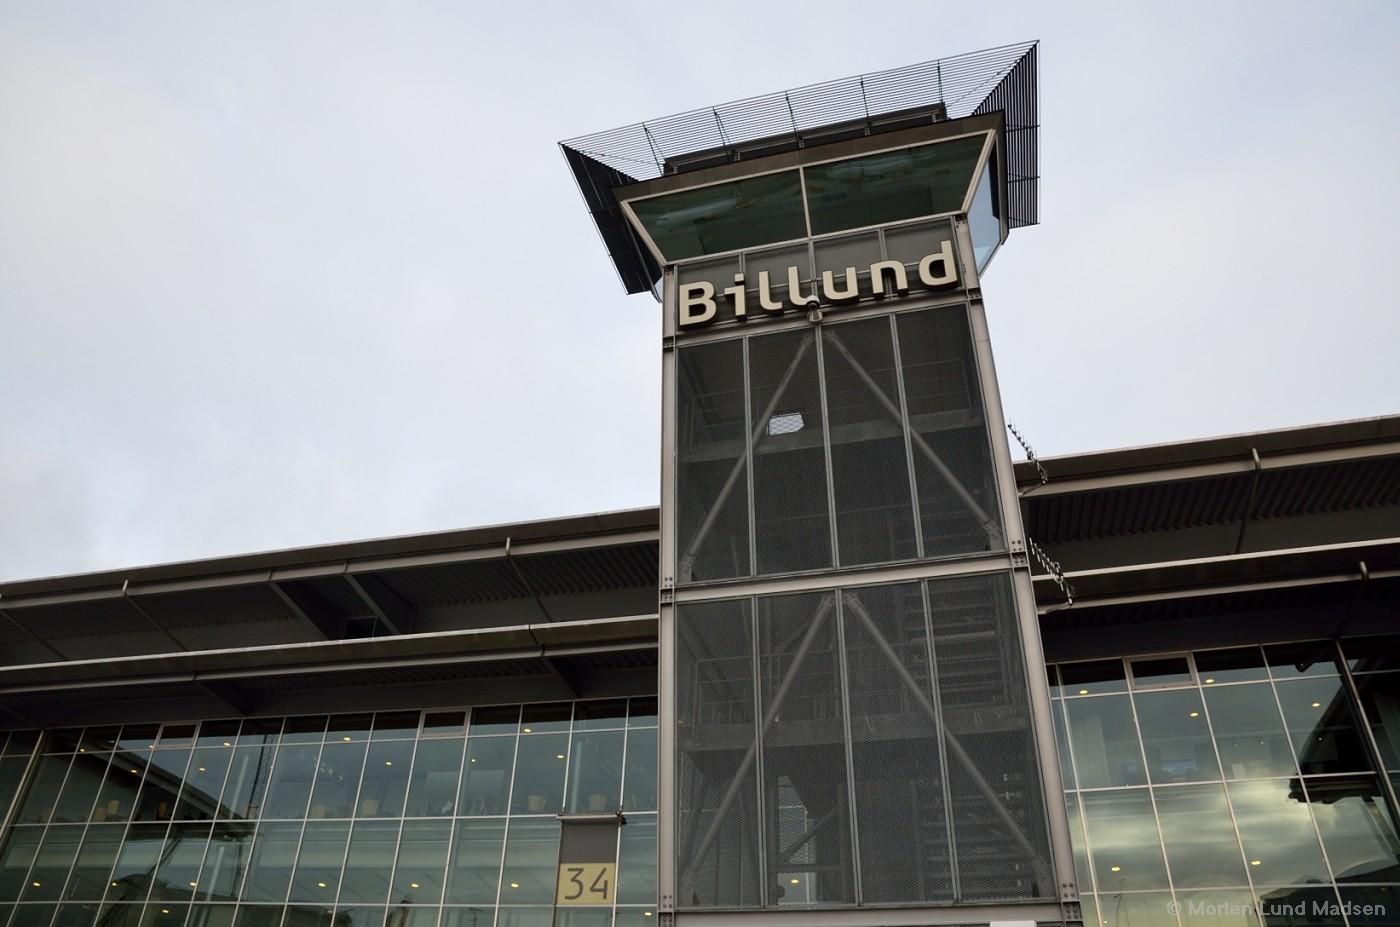 Trappetårnet i Billund Lufthavn (Arkivfoto: Morten Lund Tiirikainen)